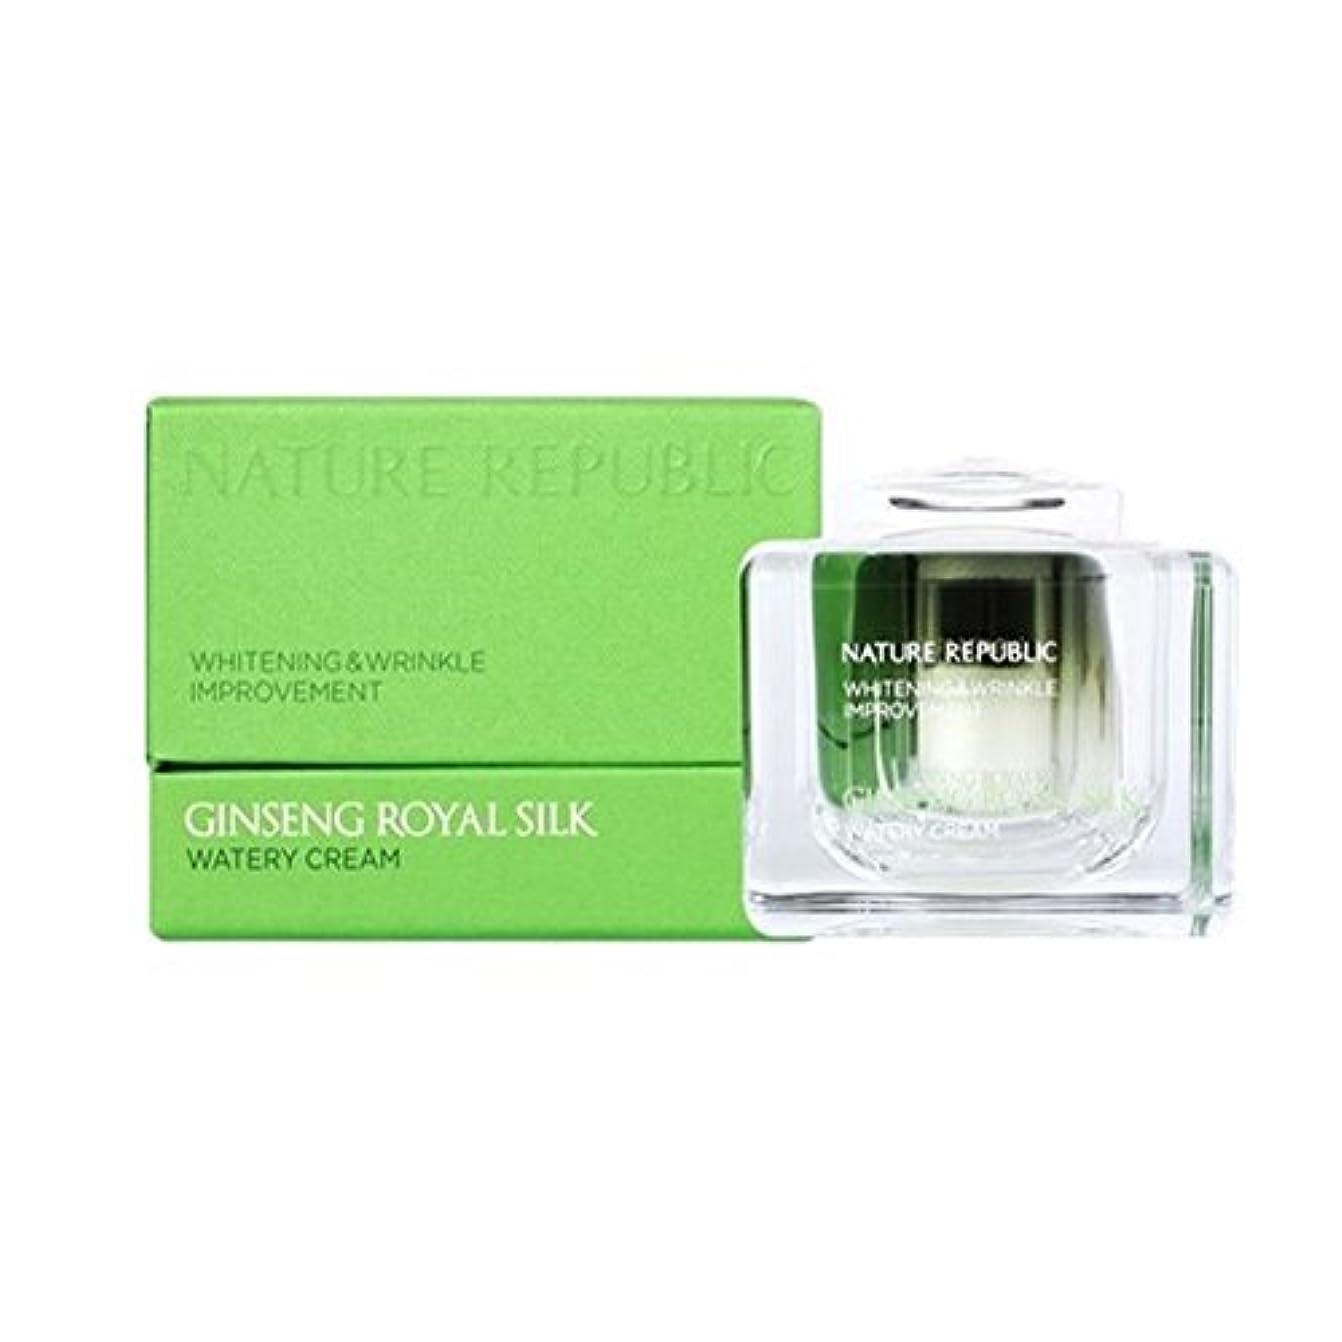 ディンカルビル似ている他にネイチャーリパブリック(NATURE REPUBLIC) ジンセンロイヤルシルクウォトリクリーム 60ml NATURE REPUBLIC Ginseng Royal Silk Watery Cream 60ml [並行輸入品]